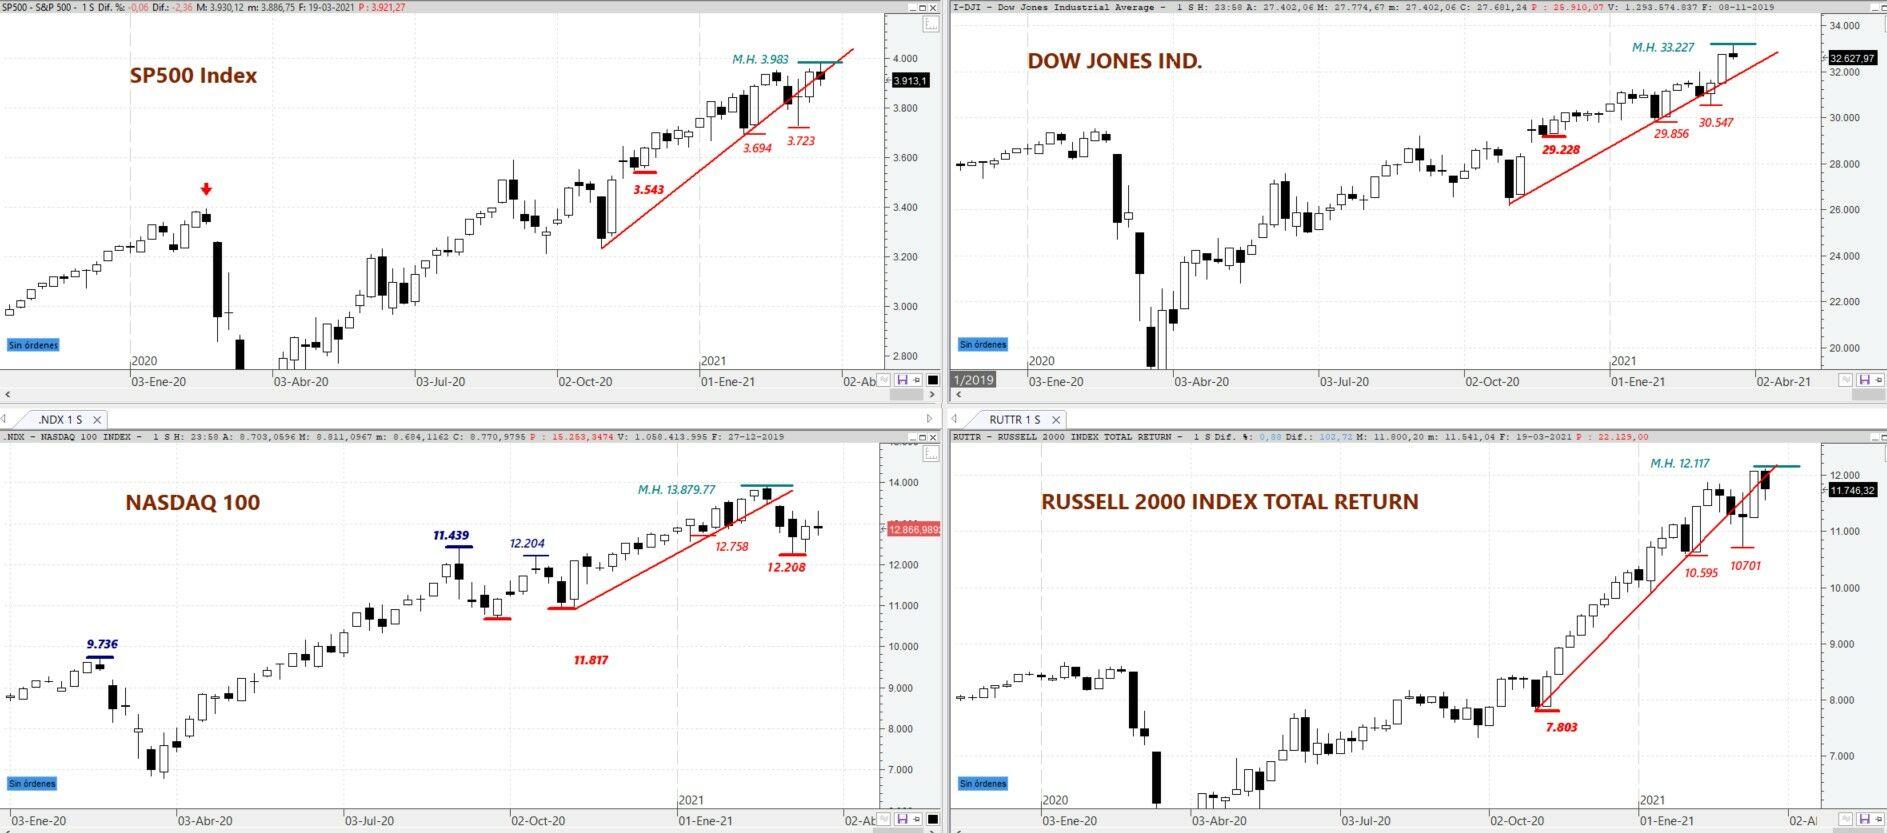 S&P500, Dow Jones Ind, Nasdaq 100 y Russell 2000 en gráfico semanal